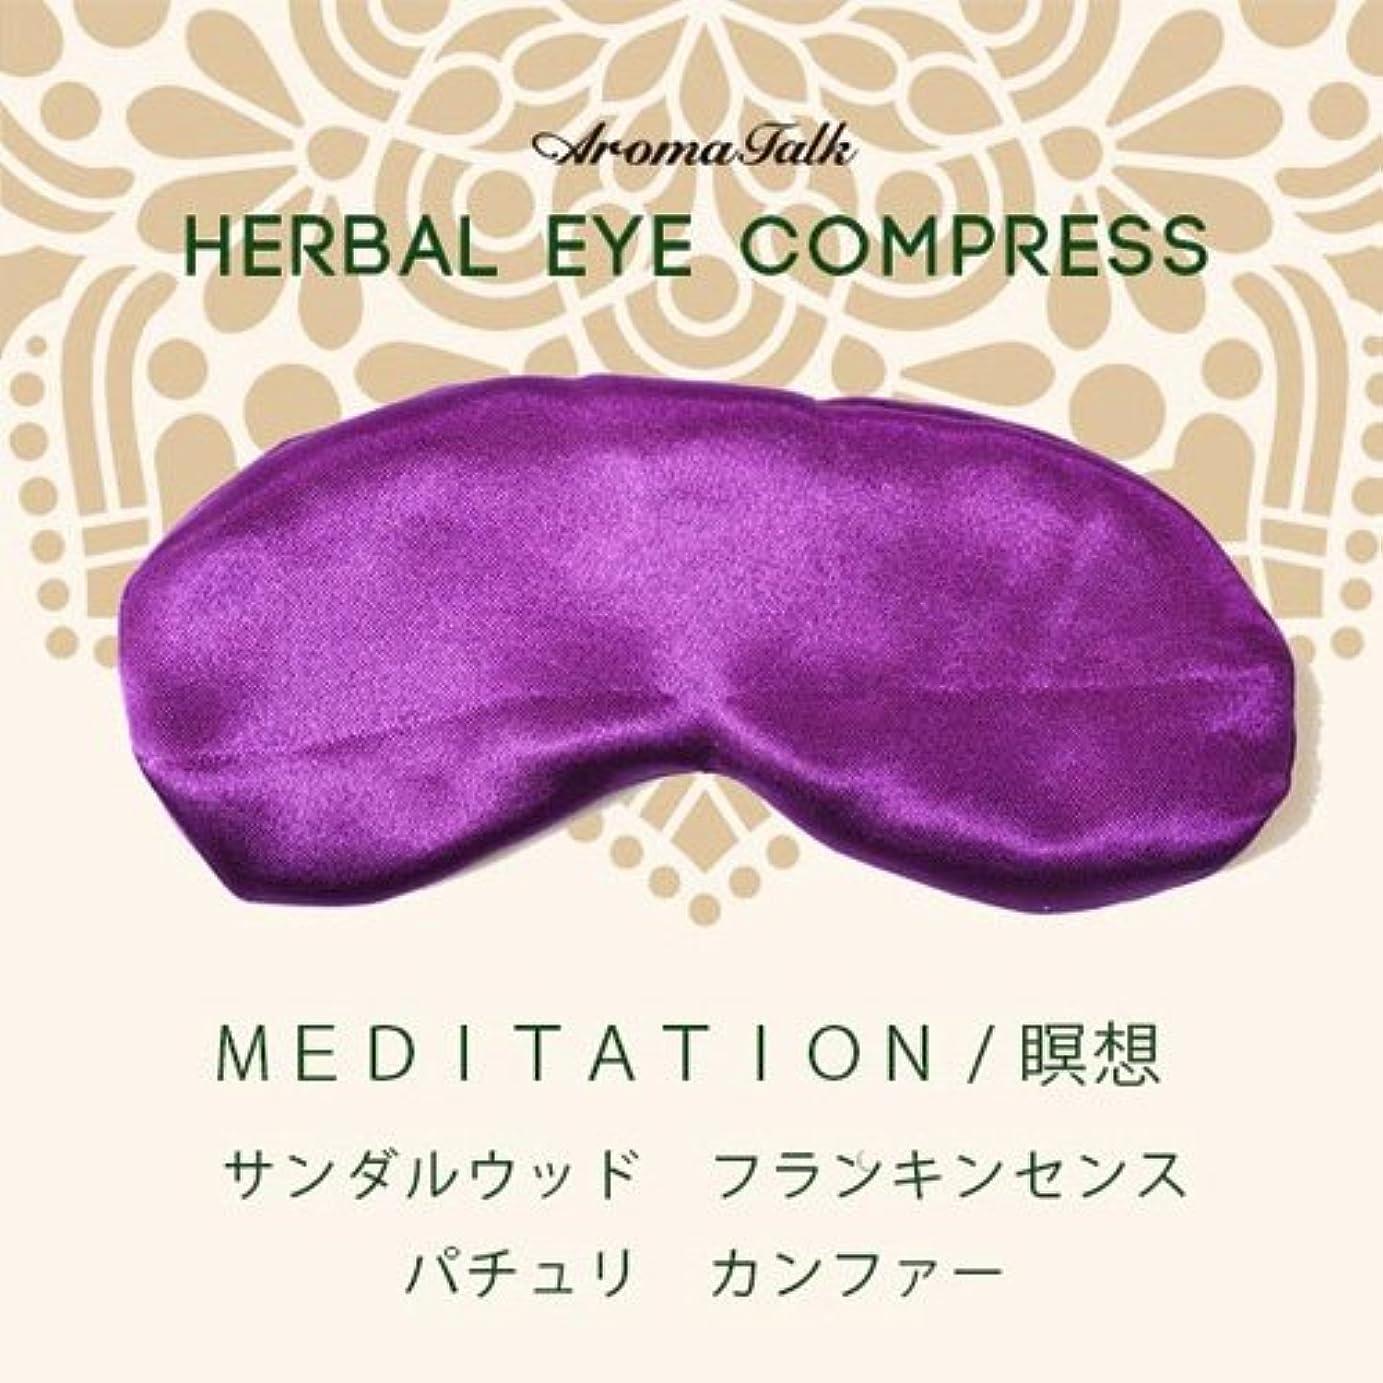 ぜいたく浸した思春期ハーバルアイコンプレス「メディテイション 瞑想」紫/禅をイメージしたウッド系の香り